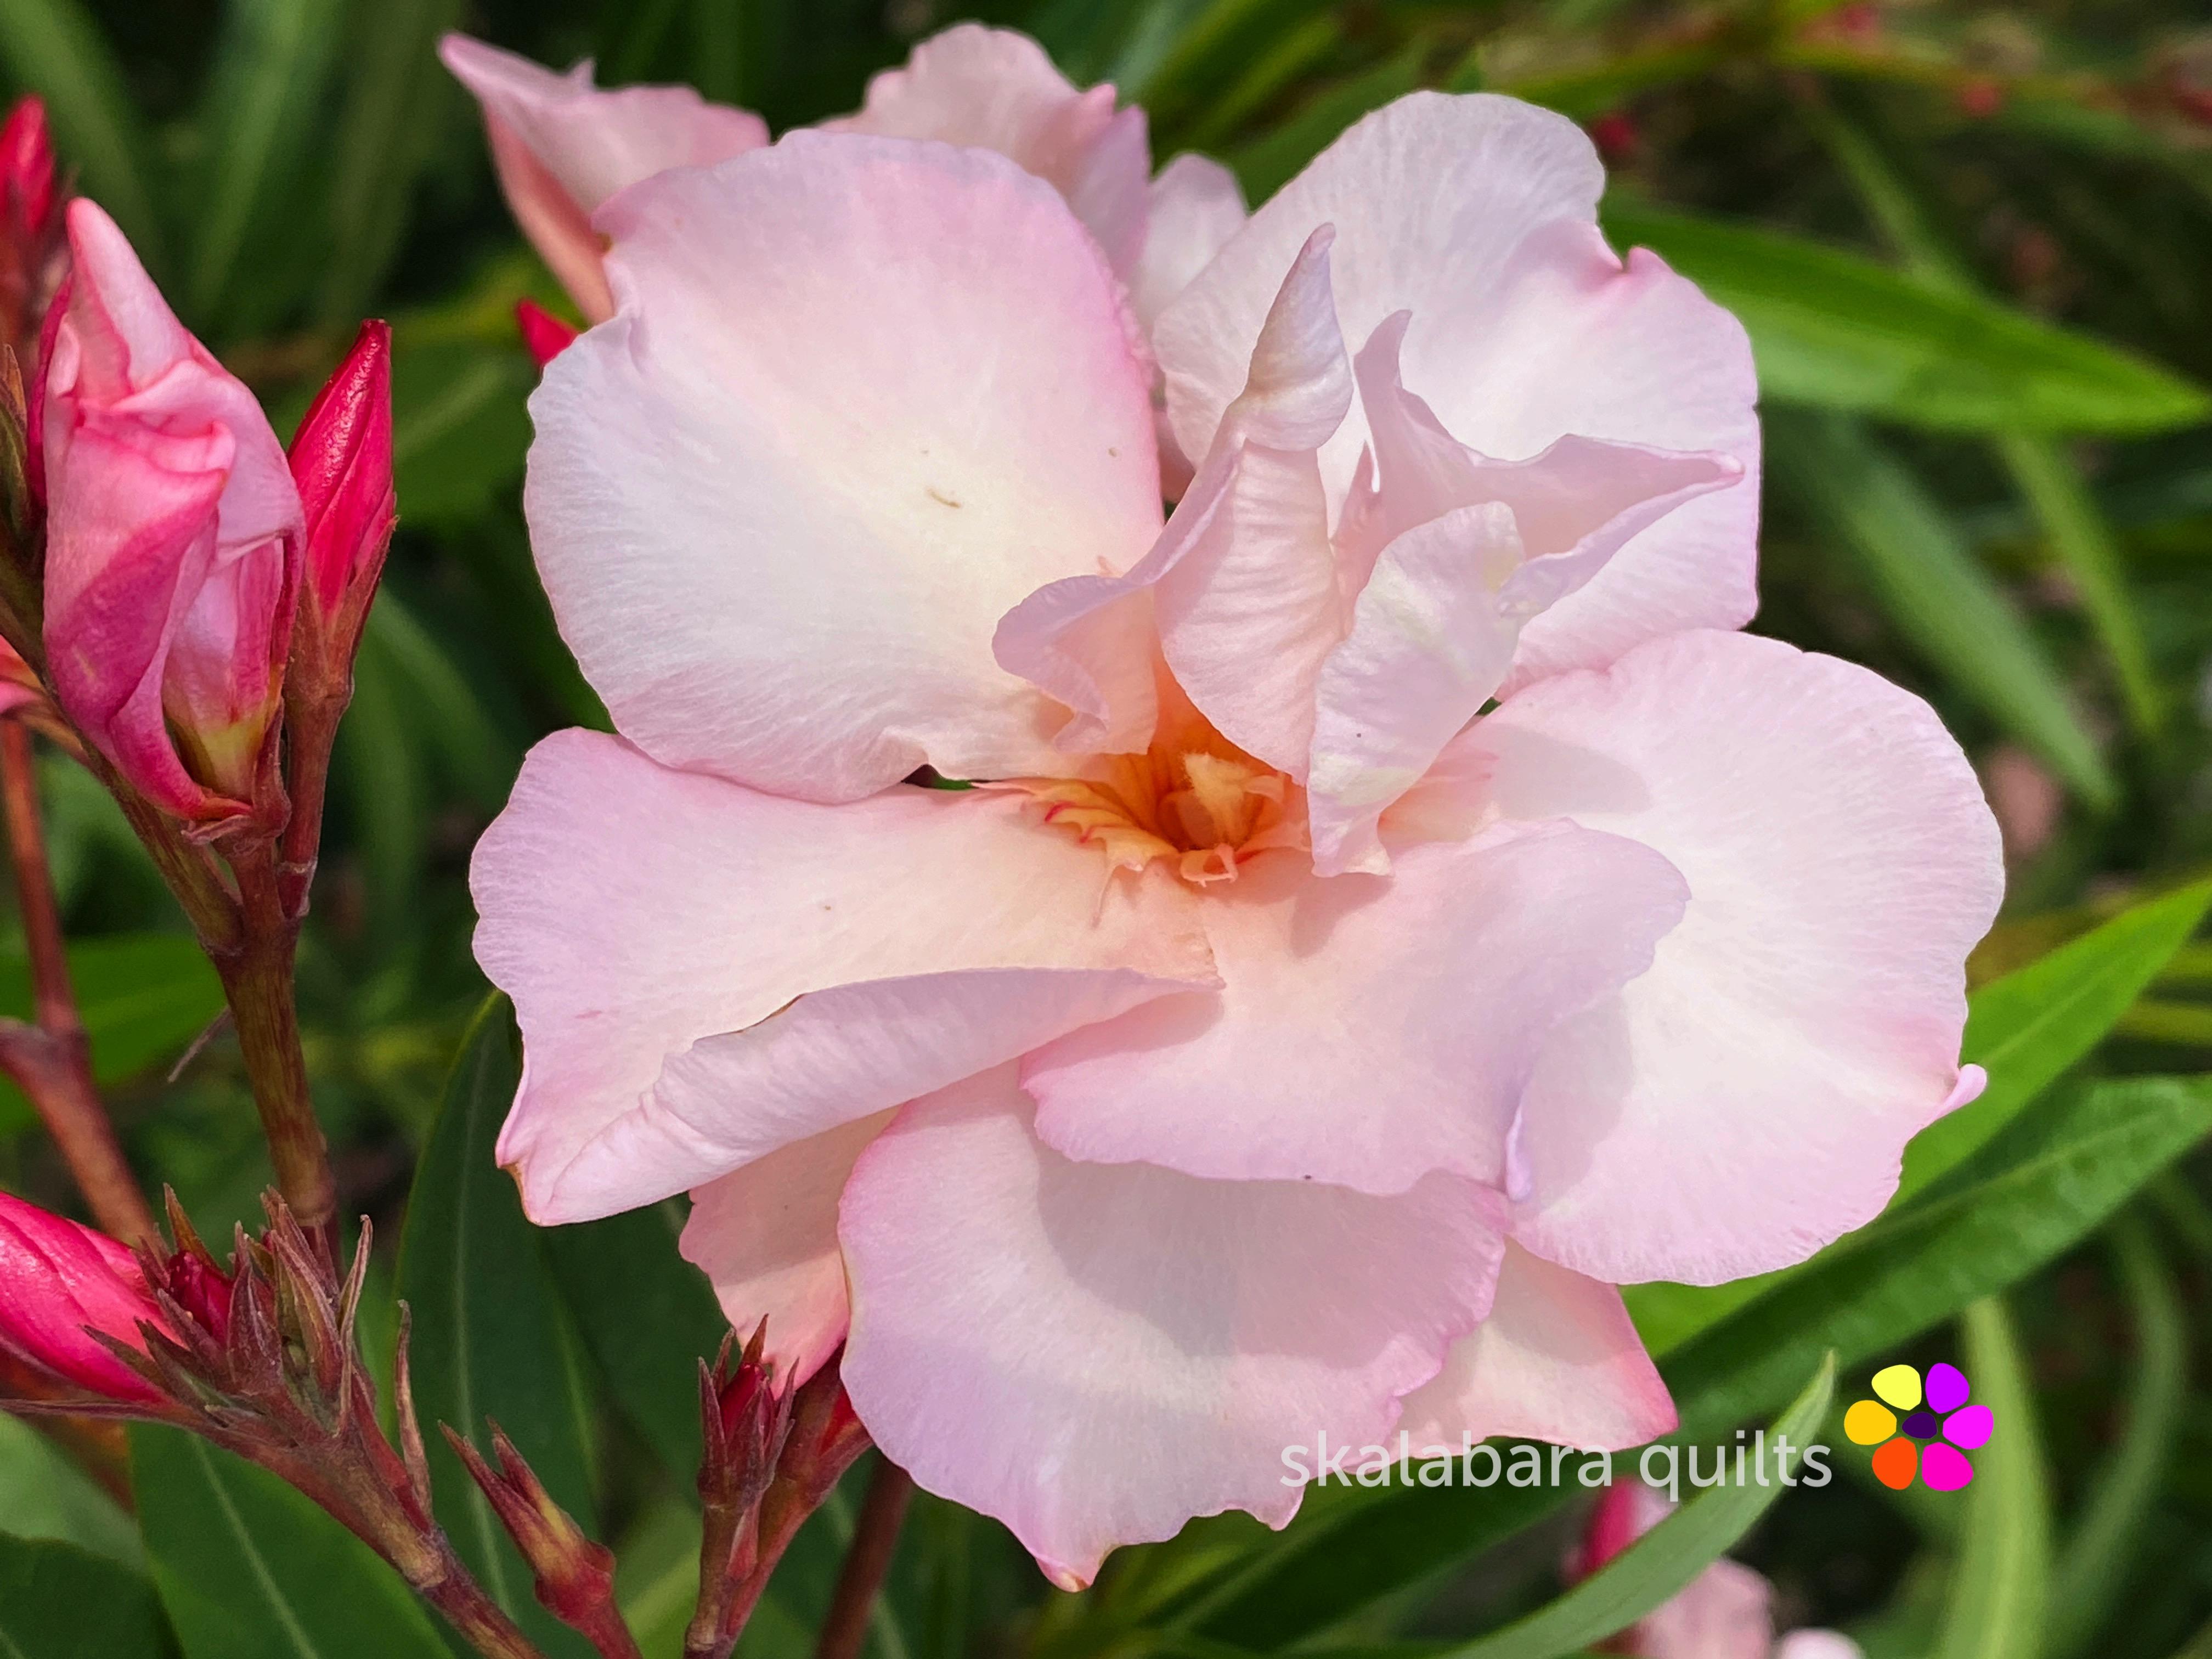 oleander flower close-up